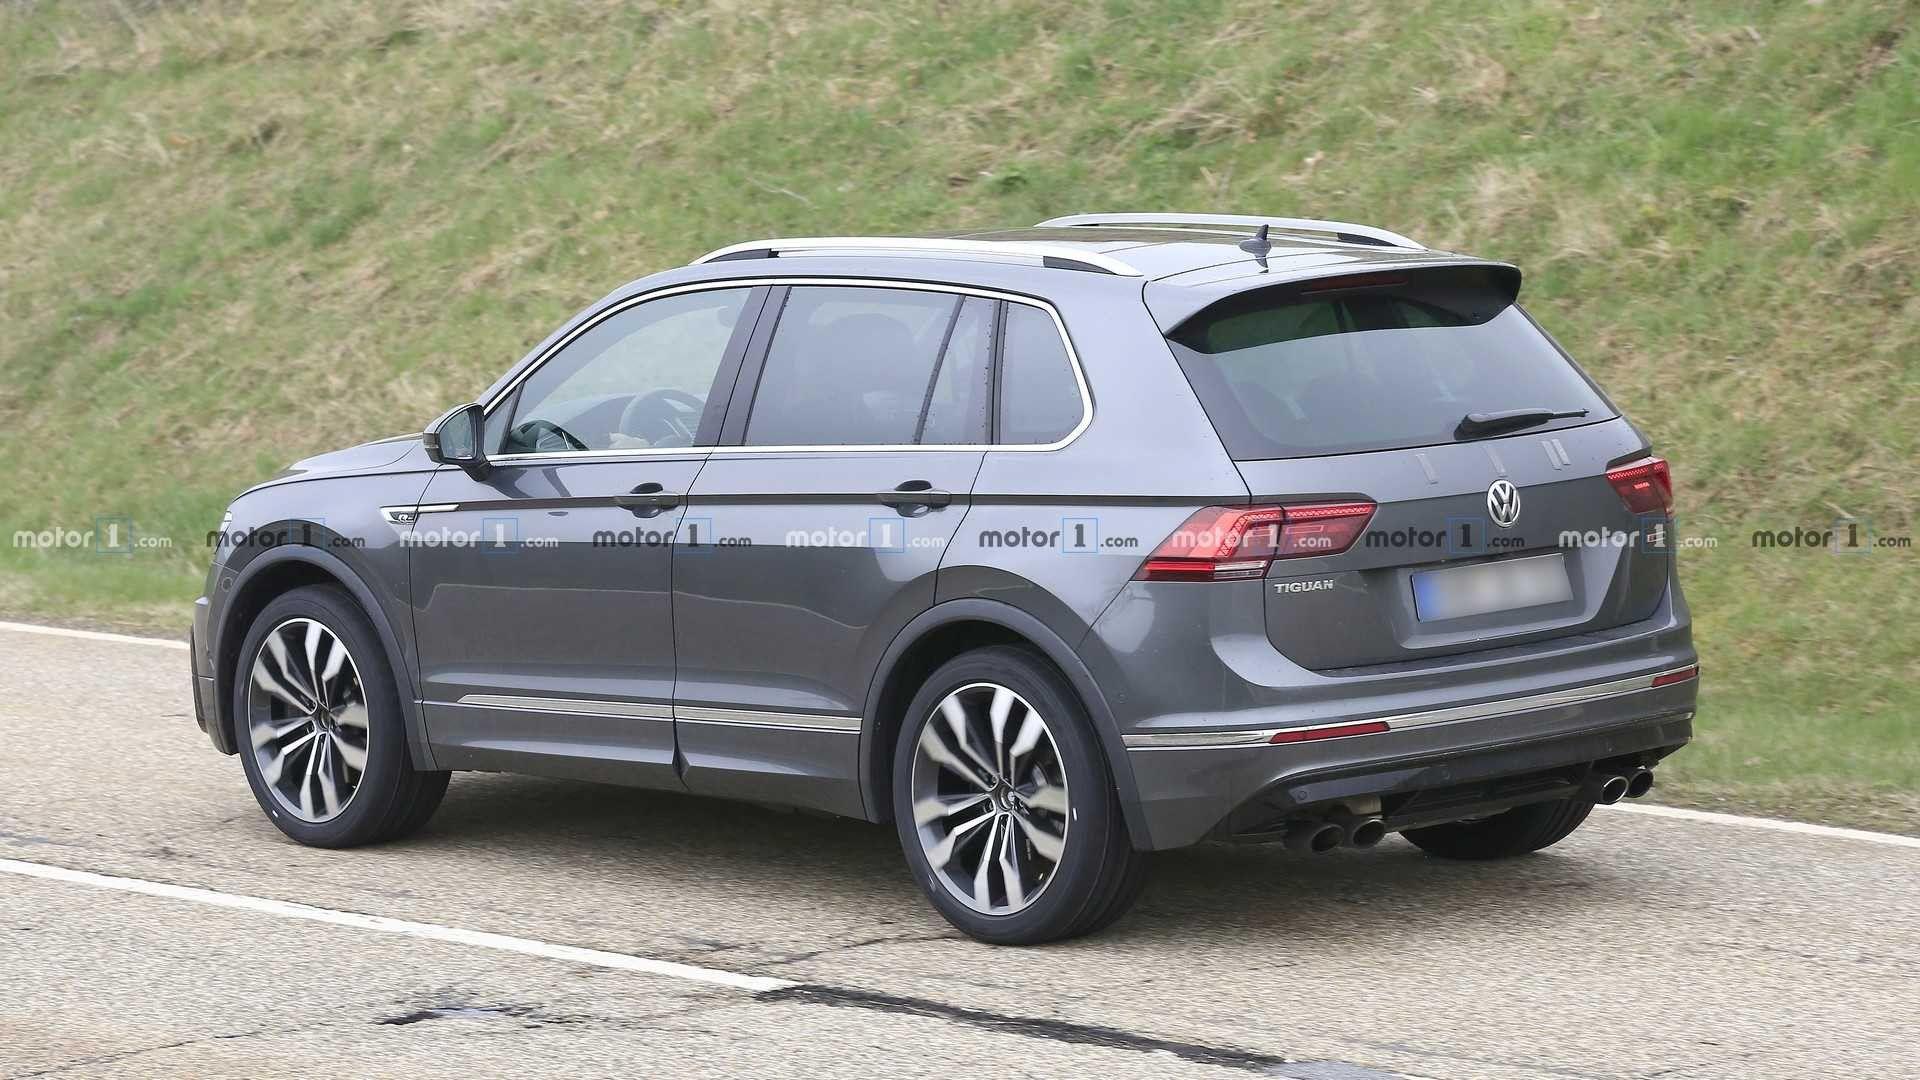 2020 Volkswagen Tiguan Specs And Review In 2020 Volkswagen Touareg Tiguan R Volkswagen